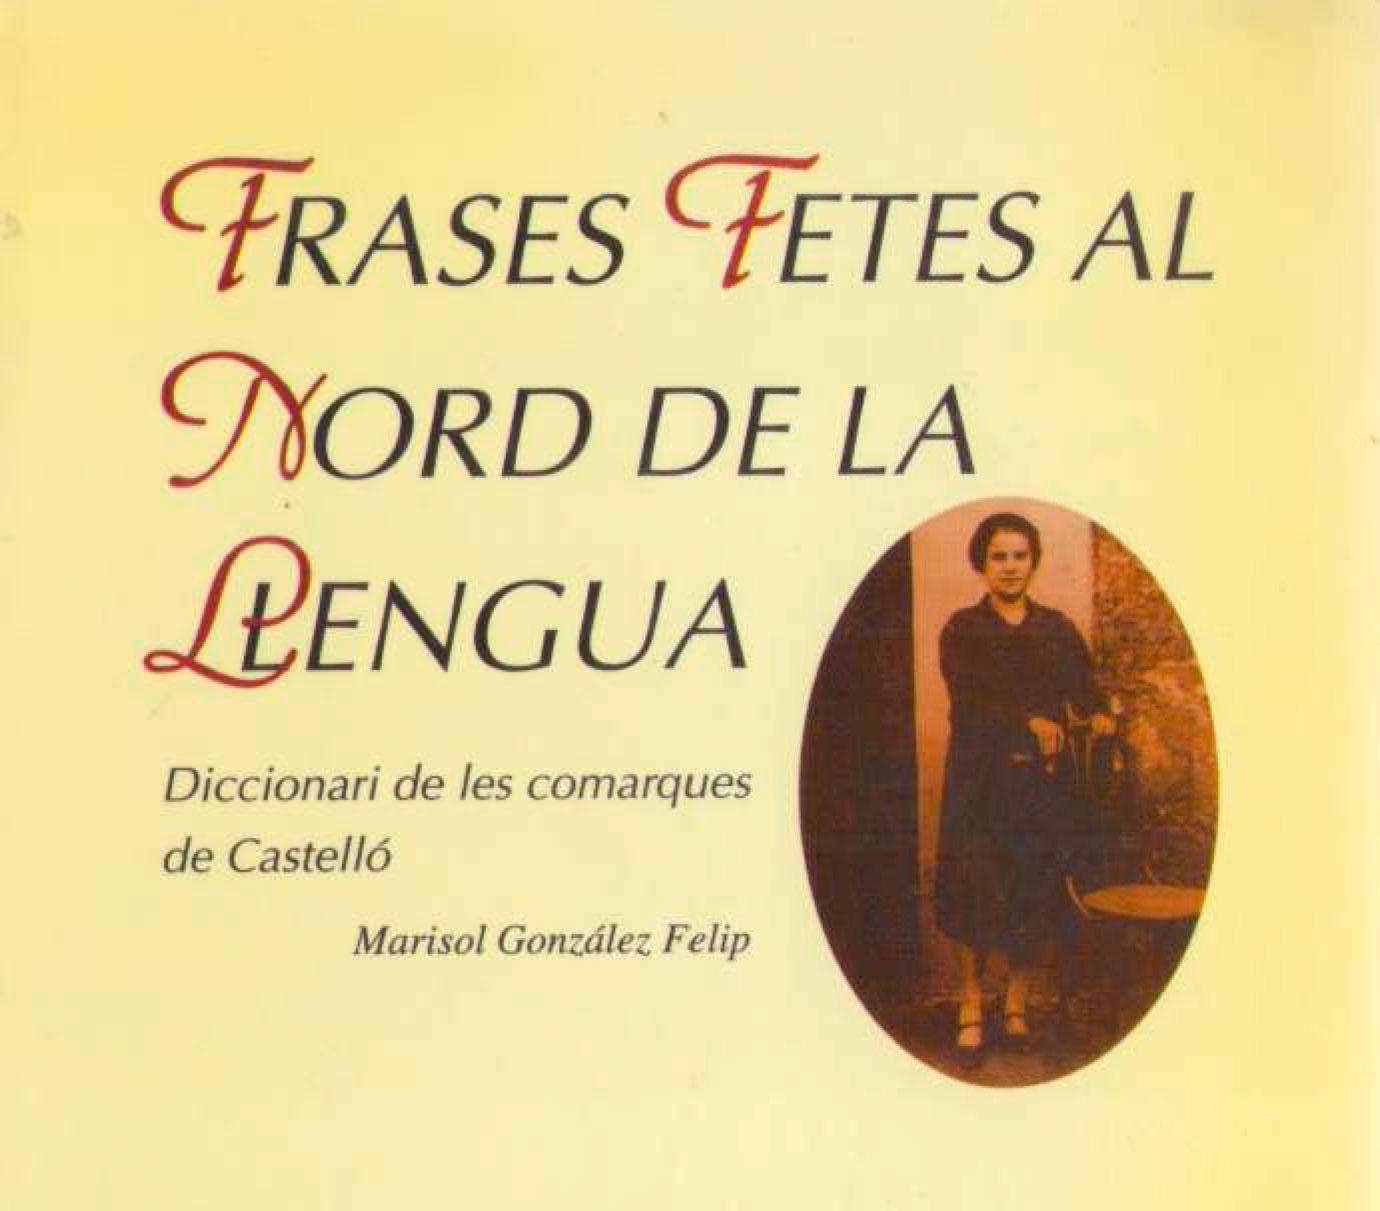 Frases Fetes Al Nord De La Llengua Diccionari De Les